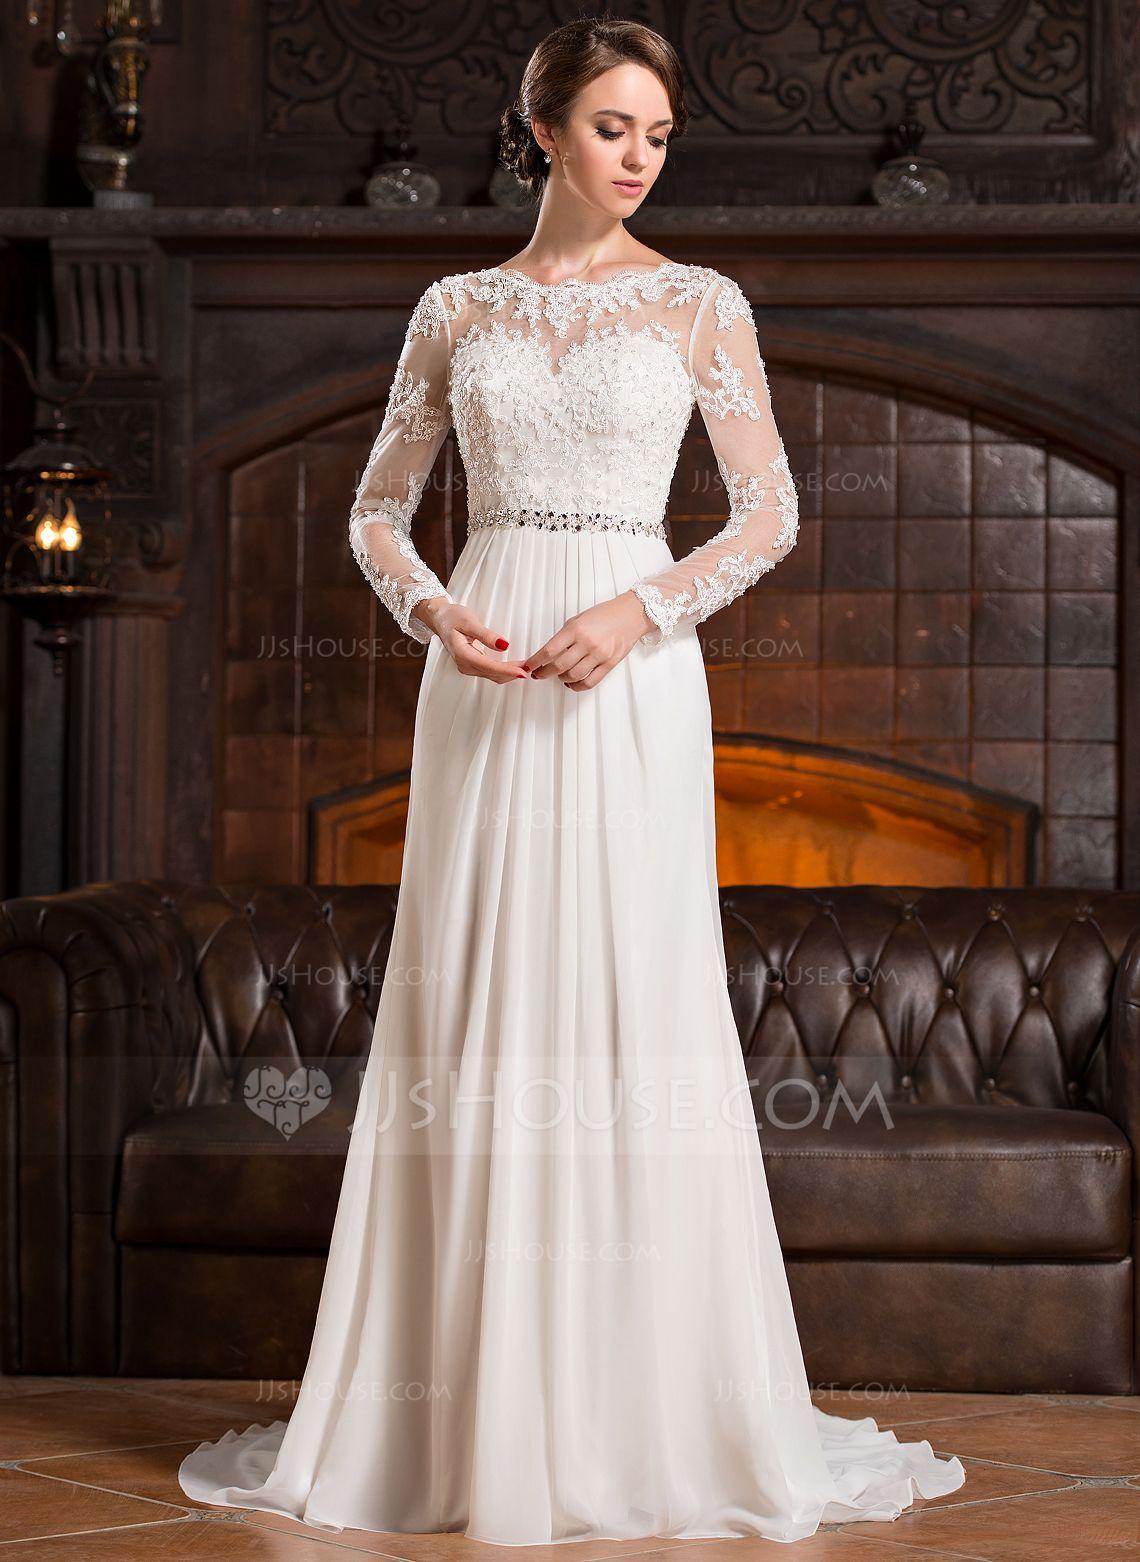 0056cd9f4e68 A-linjeformat Rund-urringning Court släp Chiffong Spetsar Bröllopsklänning  med Rufsar Pärlbrodering Paljetter (002056220) - JJsHouse